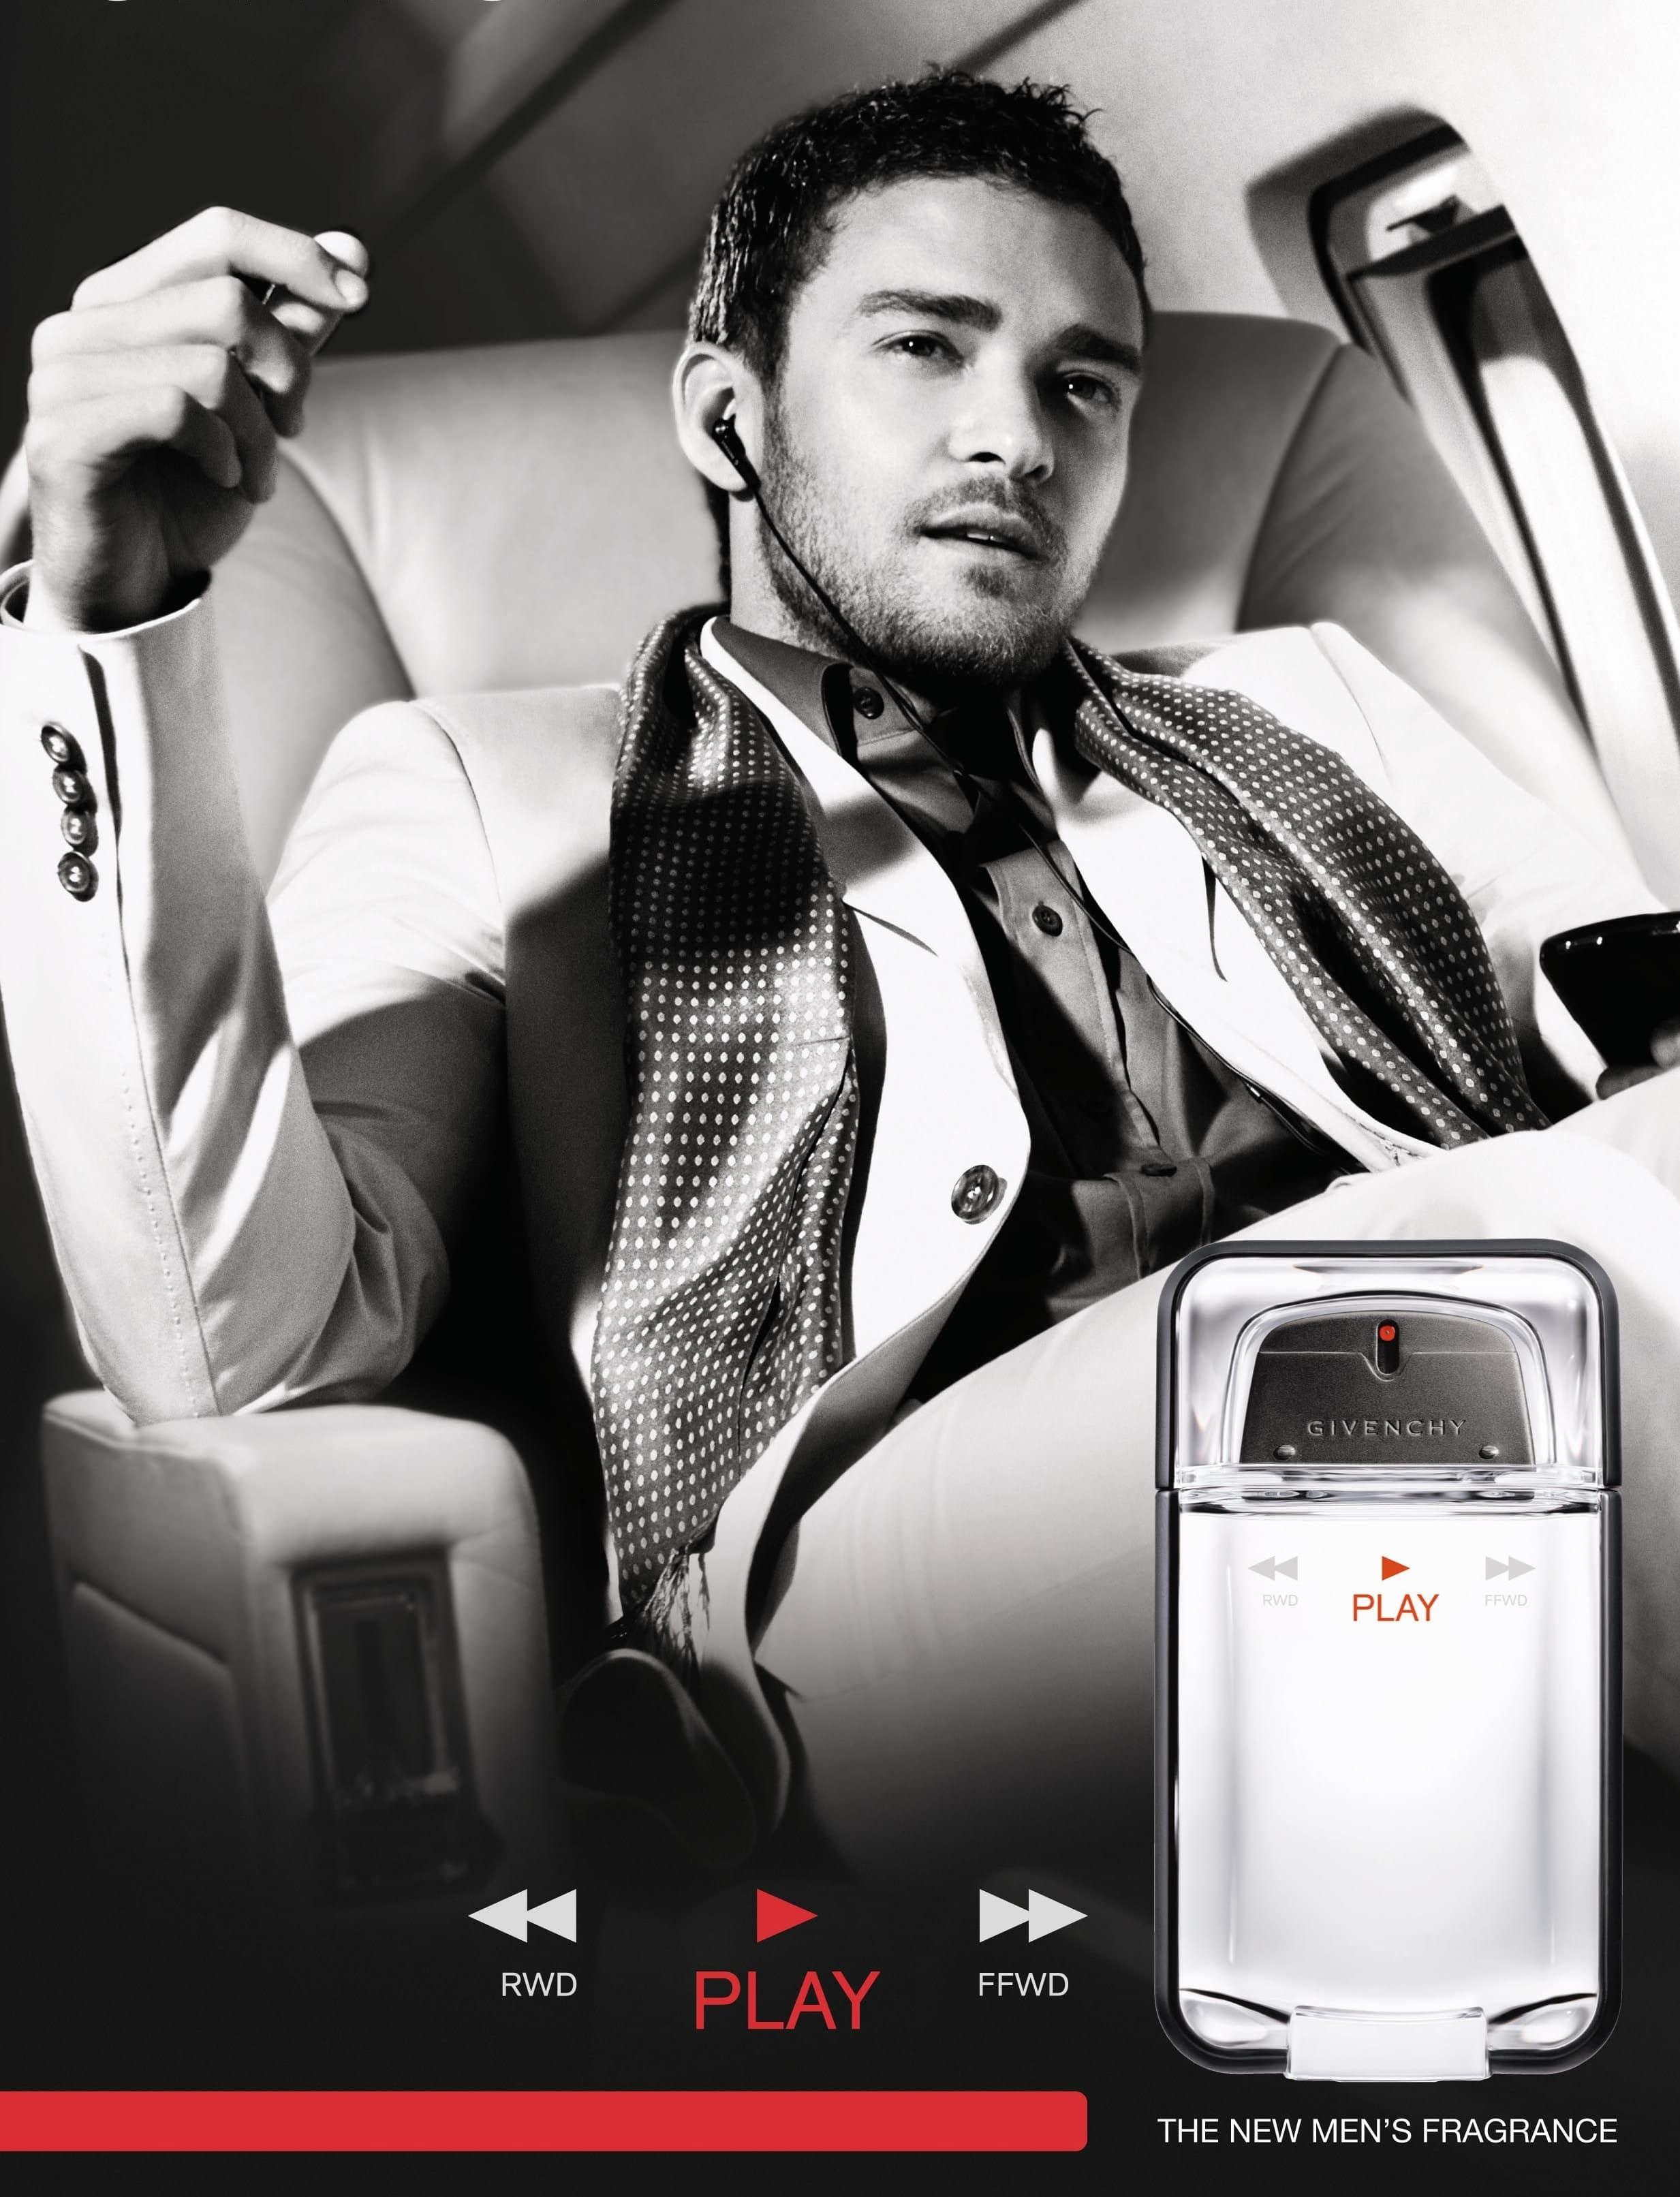 بررسی، مشاهده قیمت و خرید عطر (ادکلن) جیونچی پلی (جیوانچی پلی) Givenchy Play for Him EDT اصل